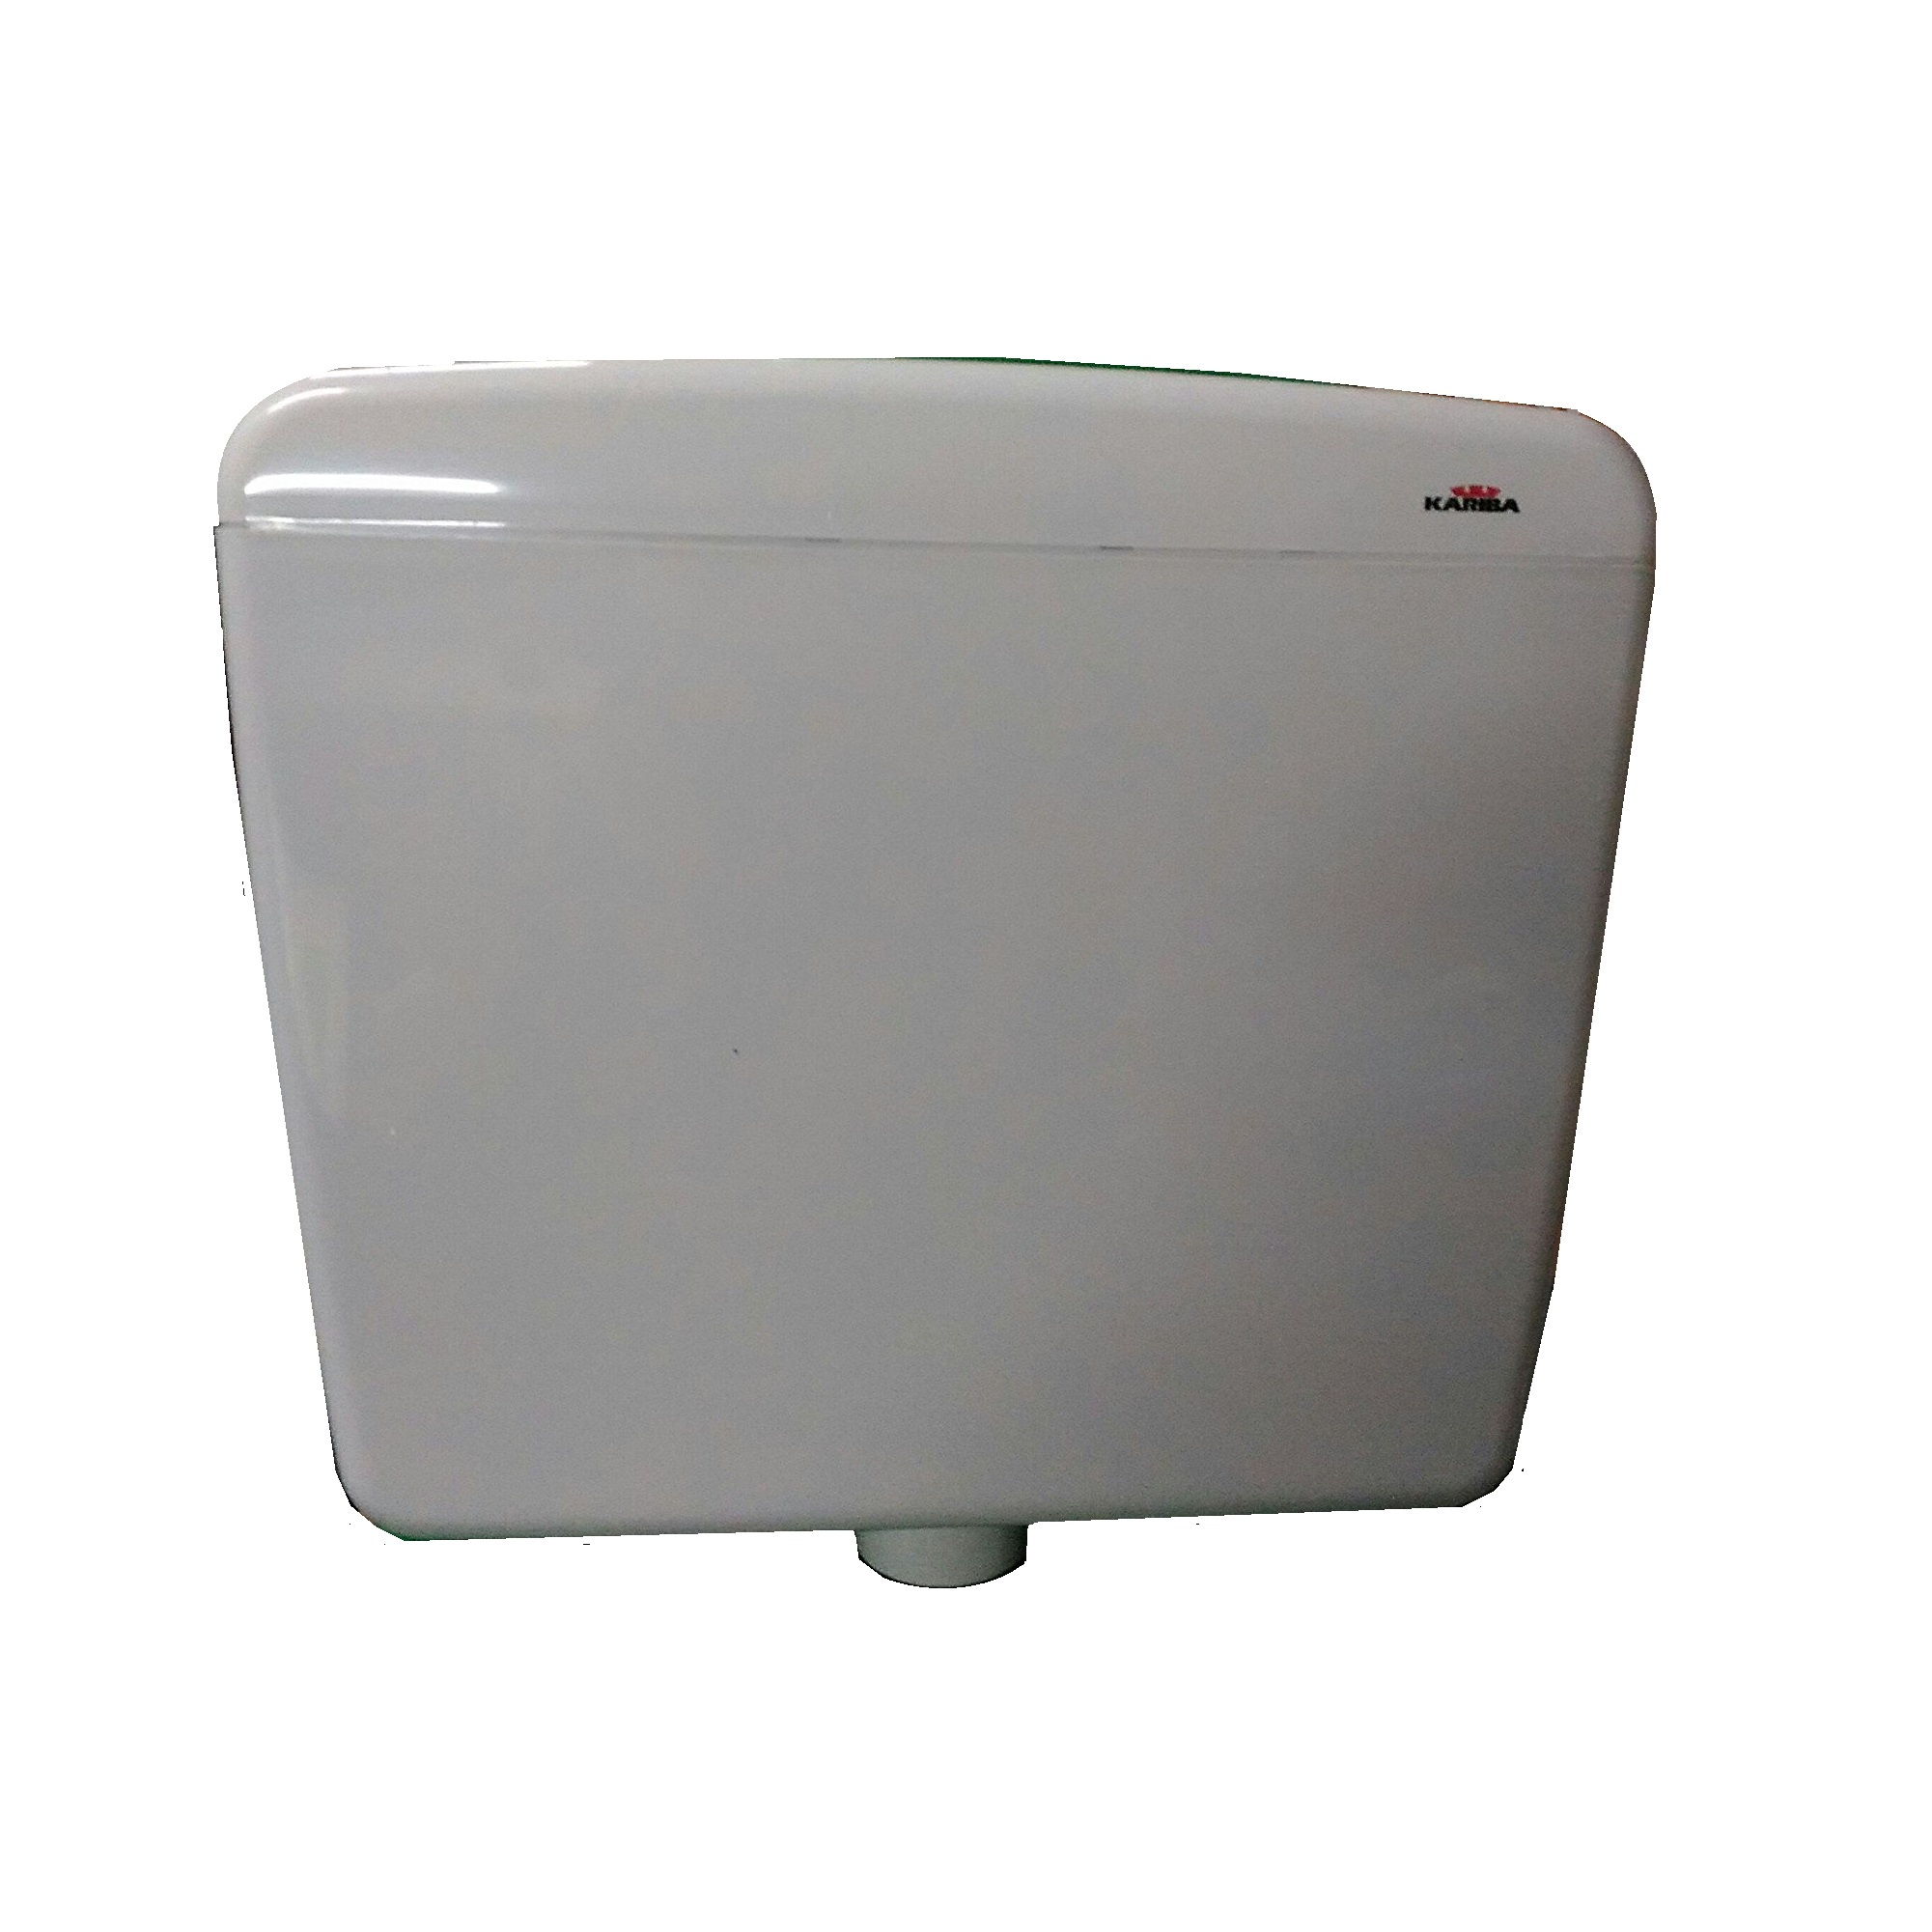 Cassetta scarico wc bagno zaino esterna kariba mod tipo - Cassetta scarico wc esterna montaggio ...